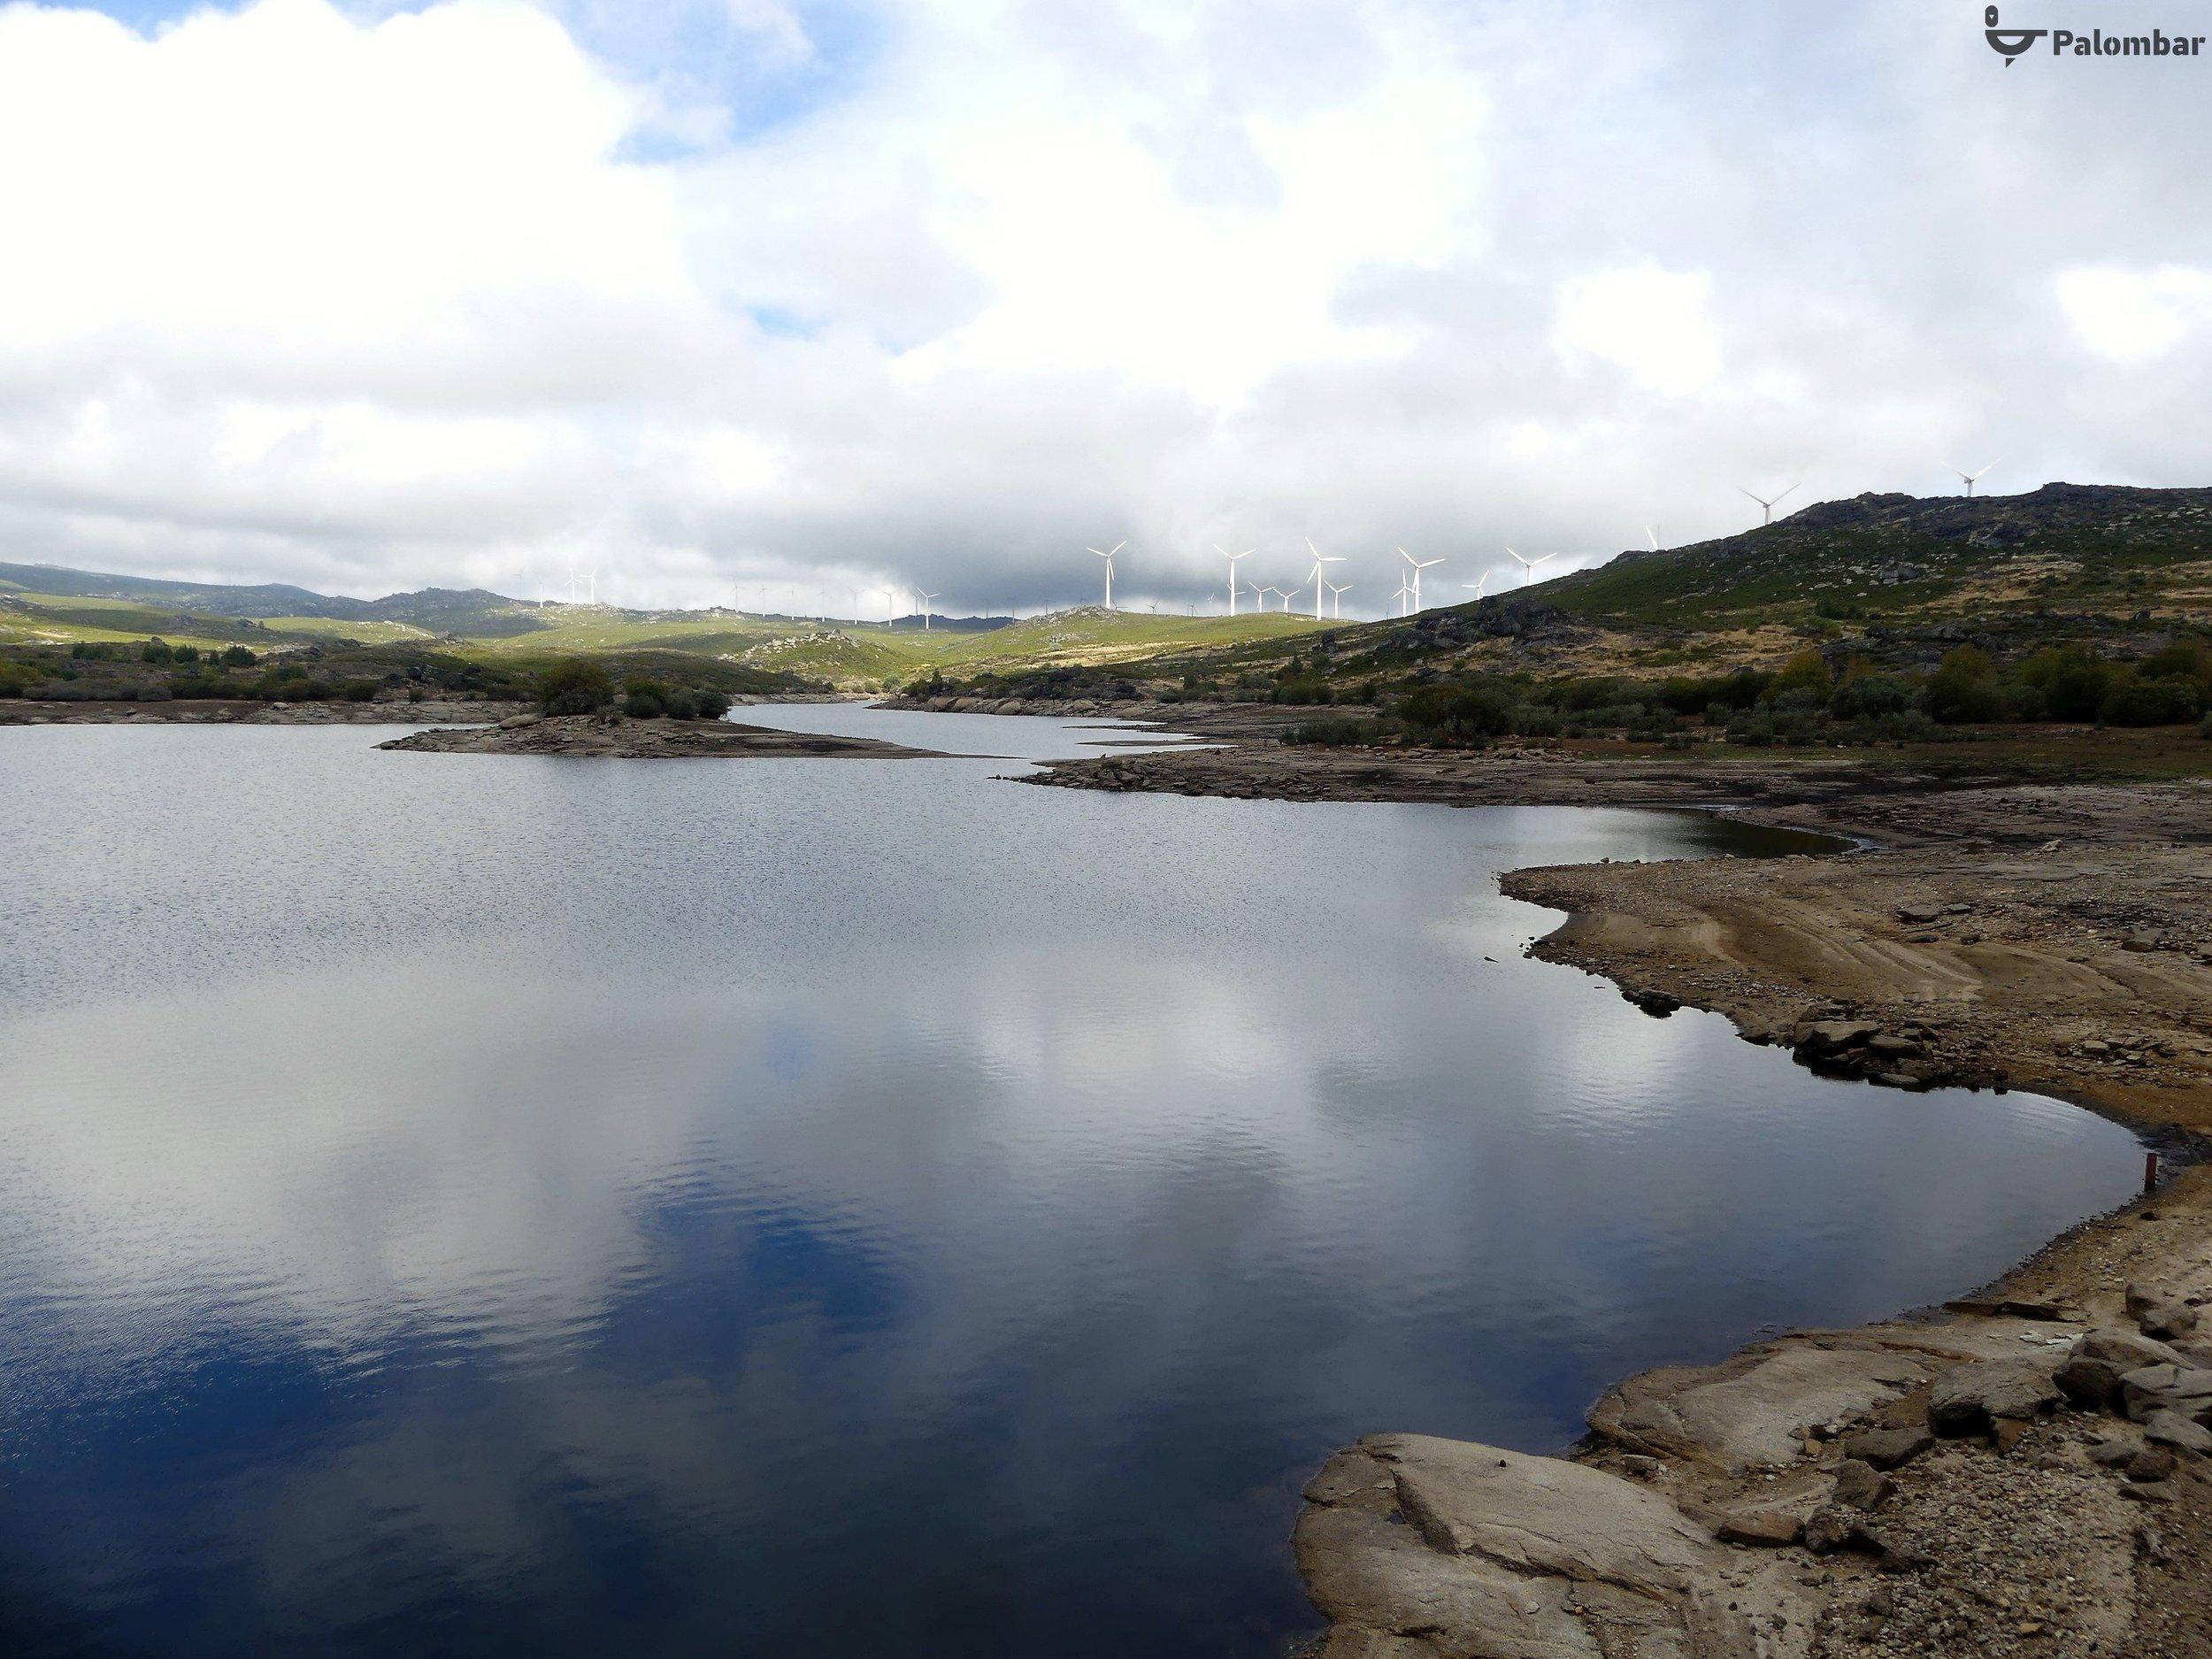 Parque Natural de Montesinho - Barragem de Serra Serrada | 13 de outubro 2018